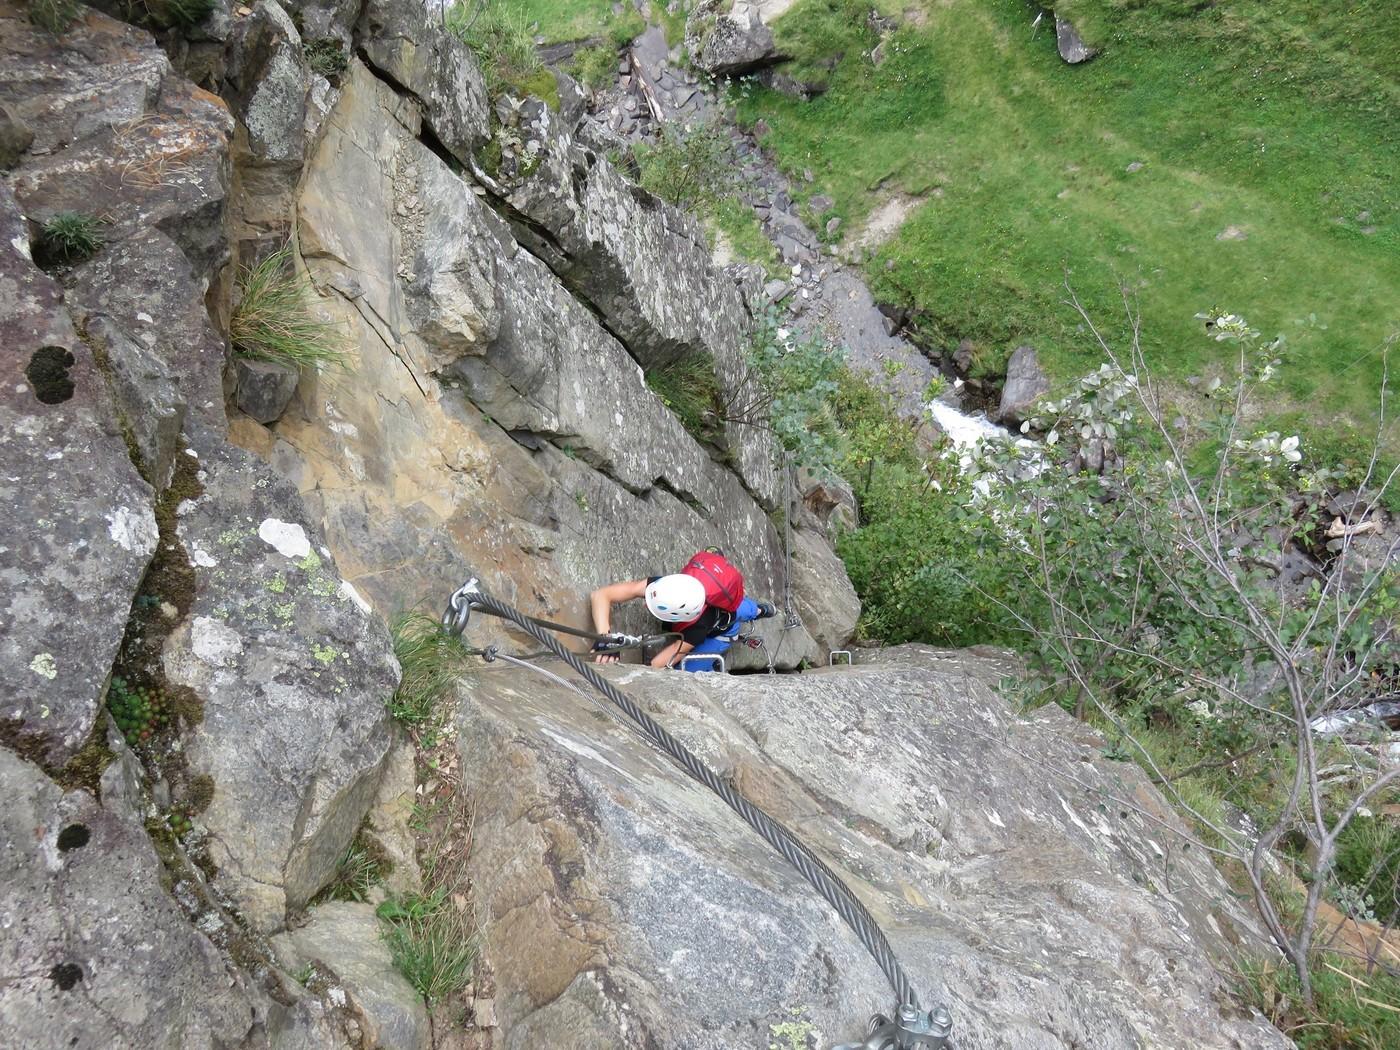 Klettersteig Eitweg : Fallbachklettersteig maltatal klettersteig gbl